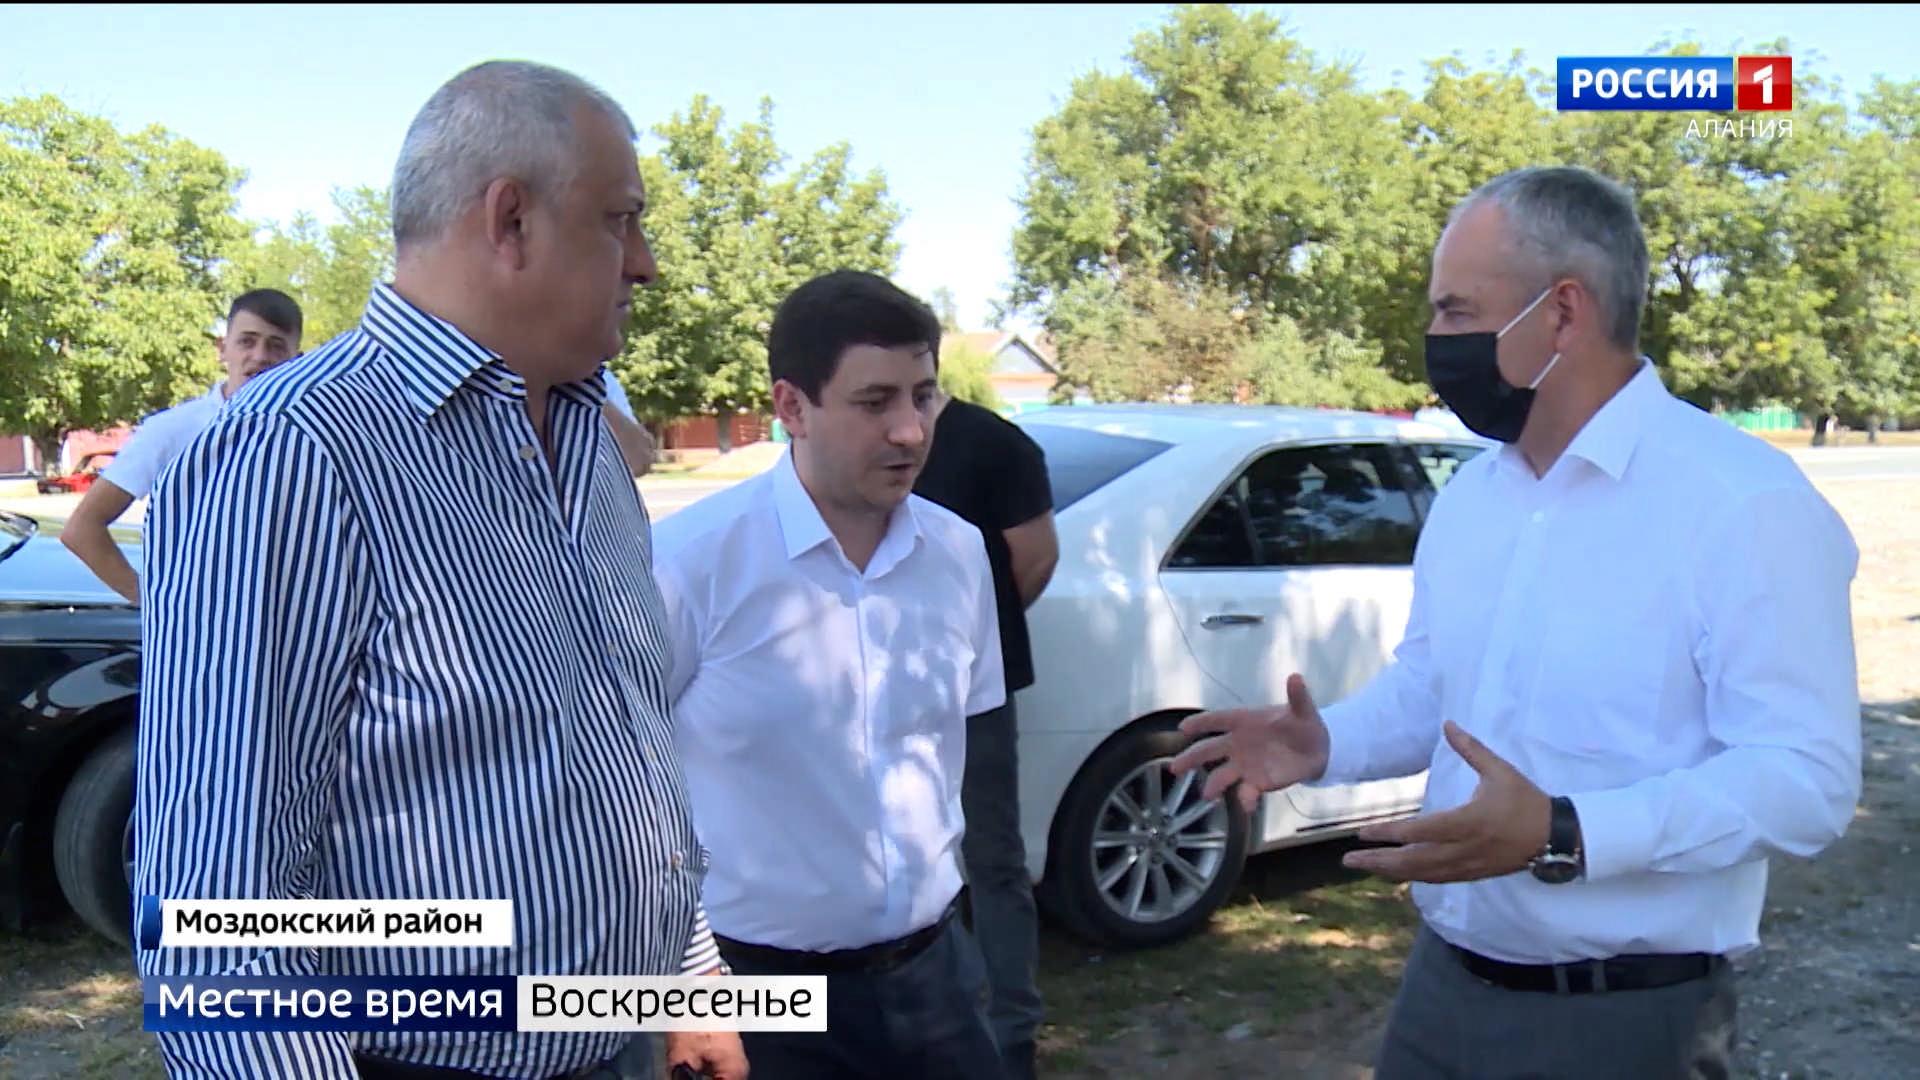 Таймураз Тускаев проинспектировал ход строительства объектов в Моздокском районе